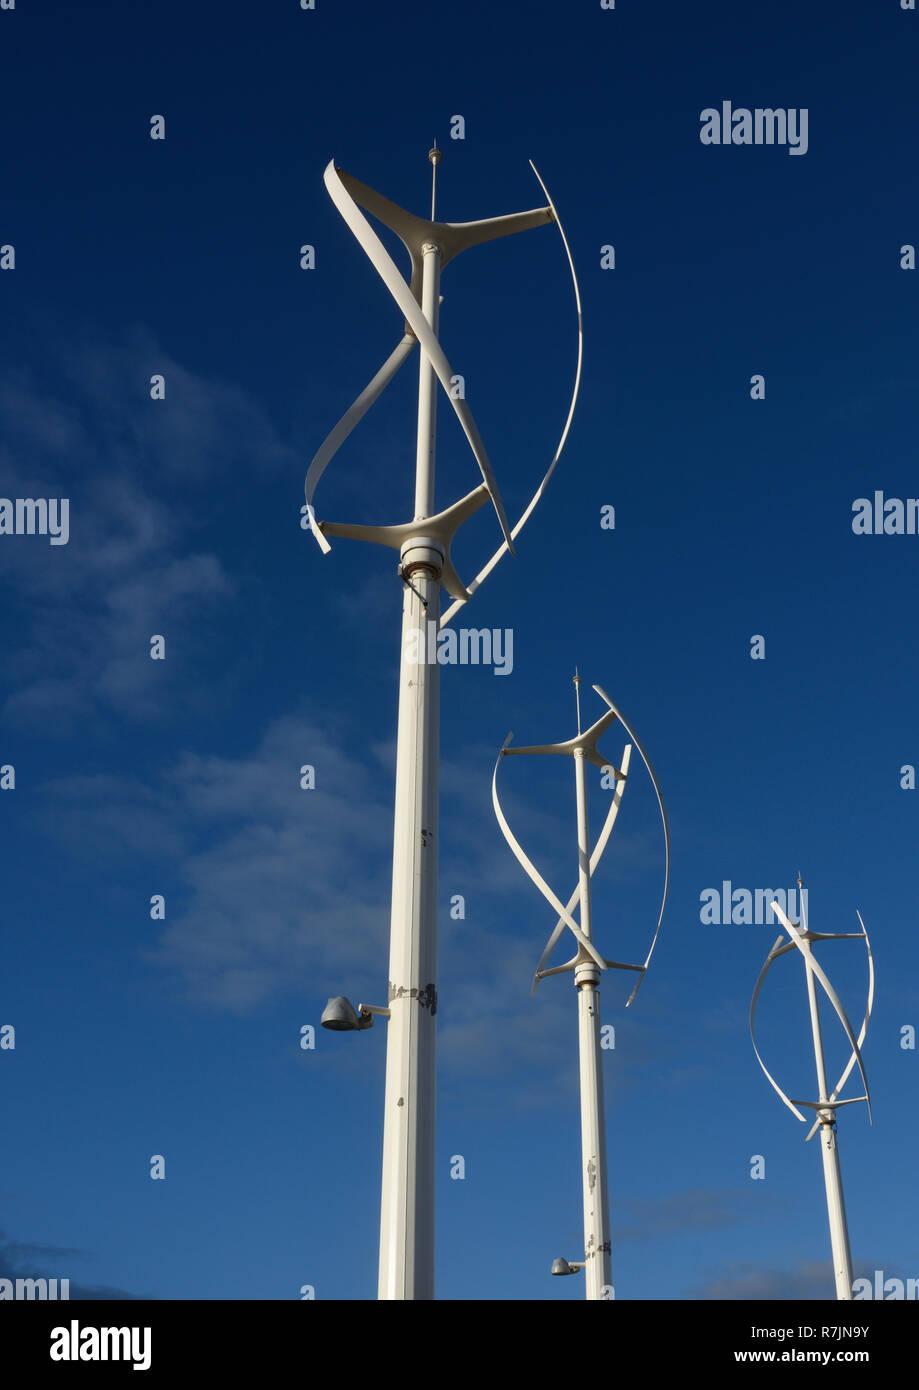 Vawt Stock Photos & Vawt Stock Images - Alamy